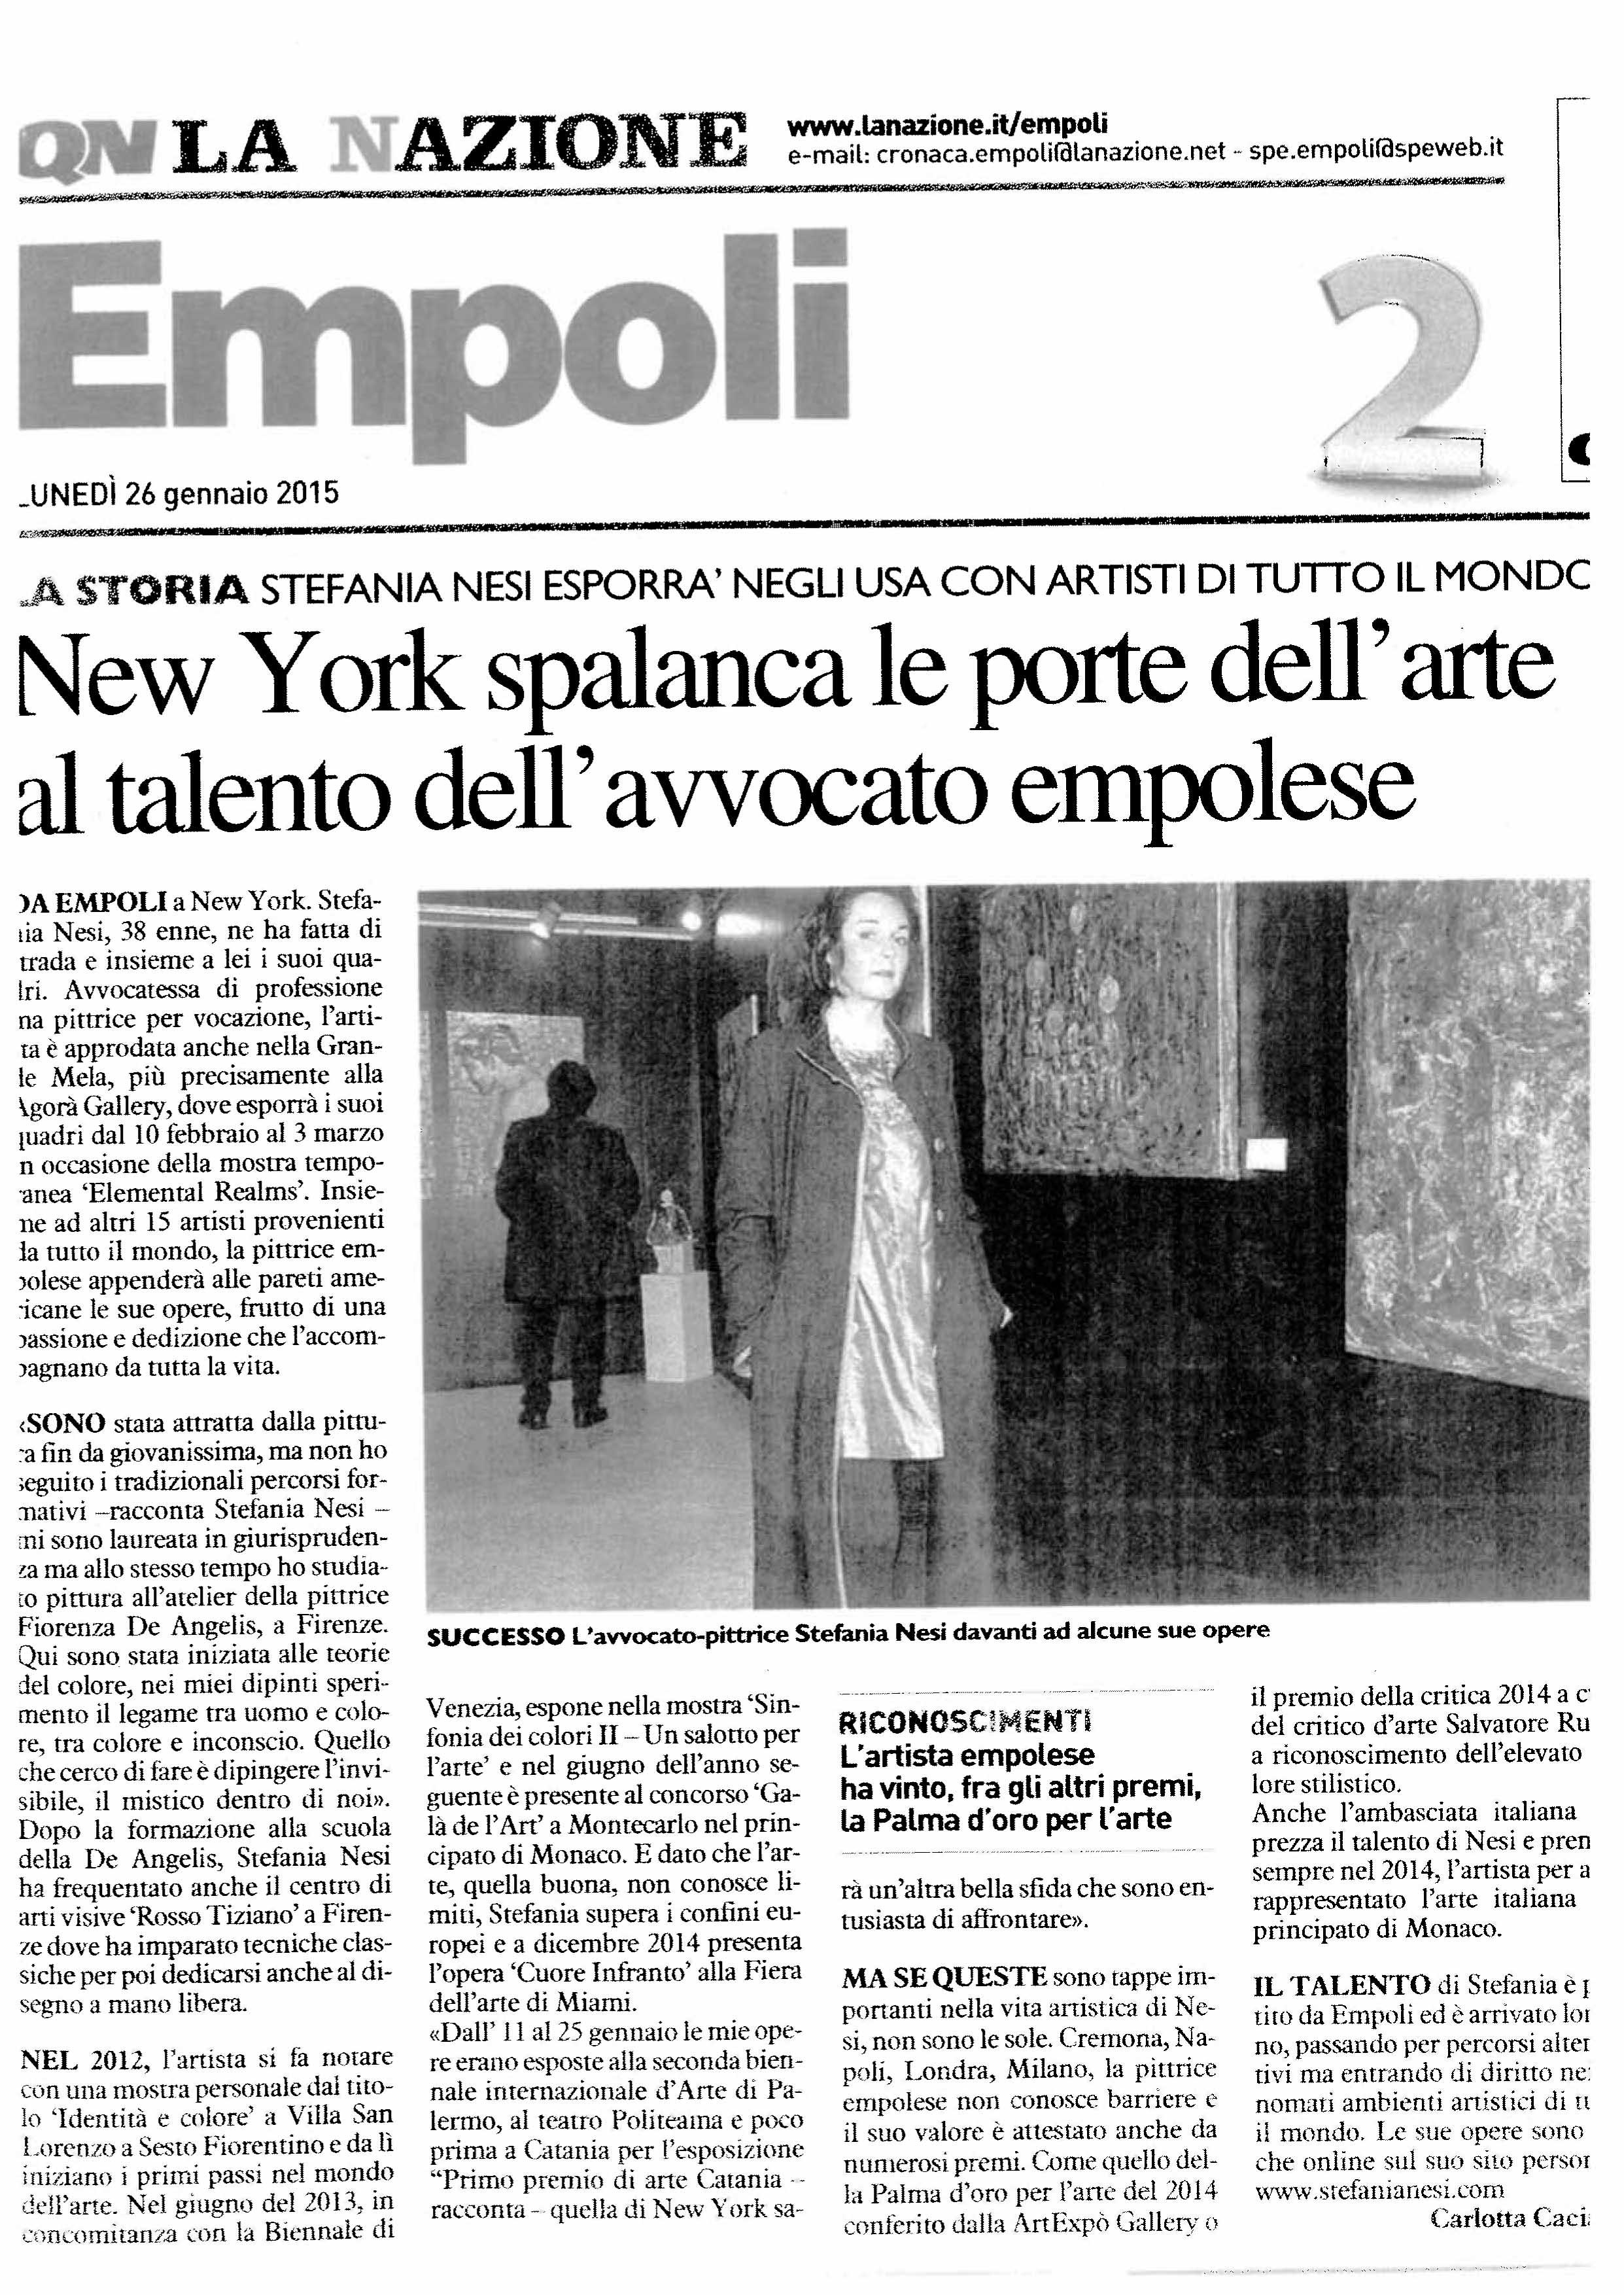 La Nazione, Empoli, Gennaio 2015